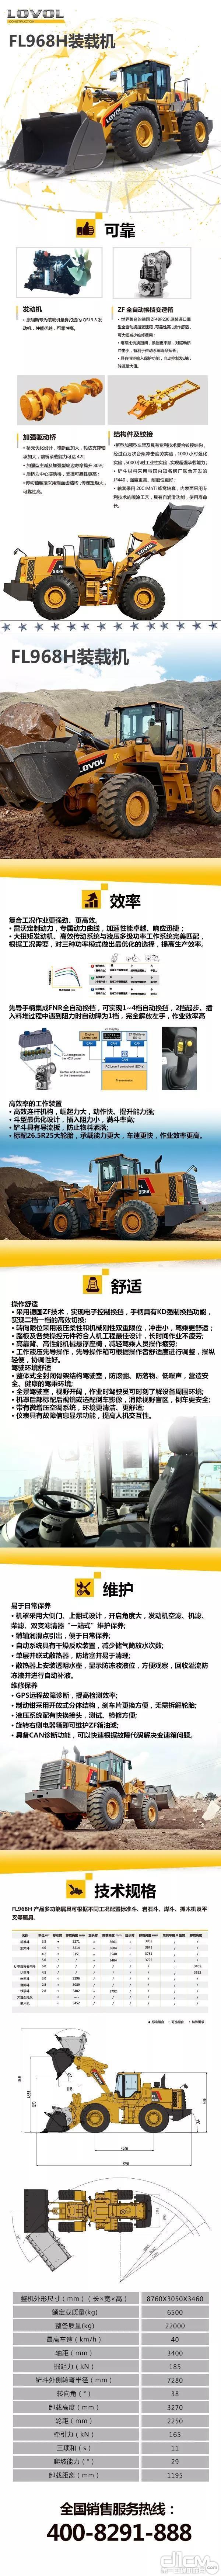 雷沃FL968H<a href=http://product.d1cm.com/zhuangzaiji/ target=_blank>装载机</a>